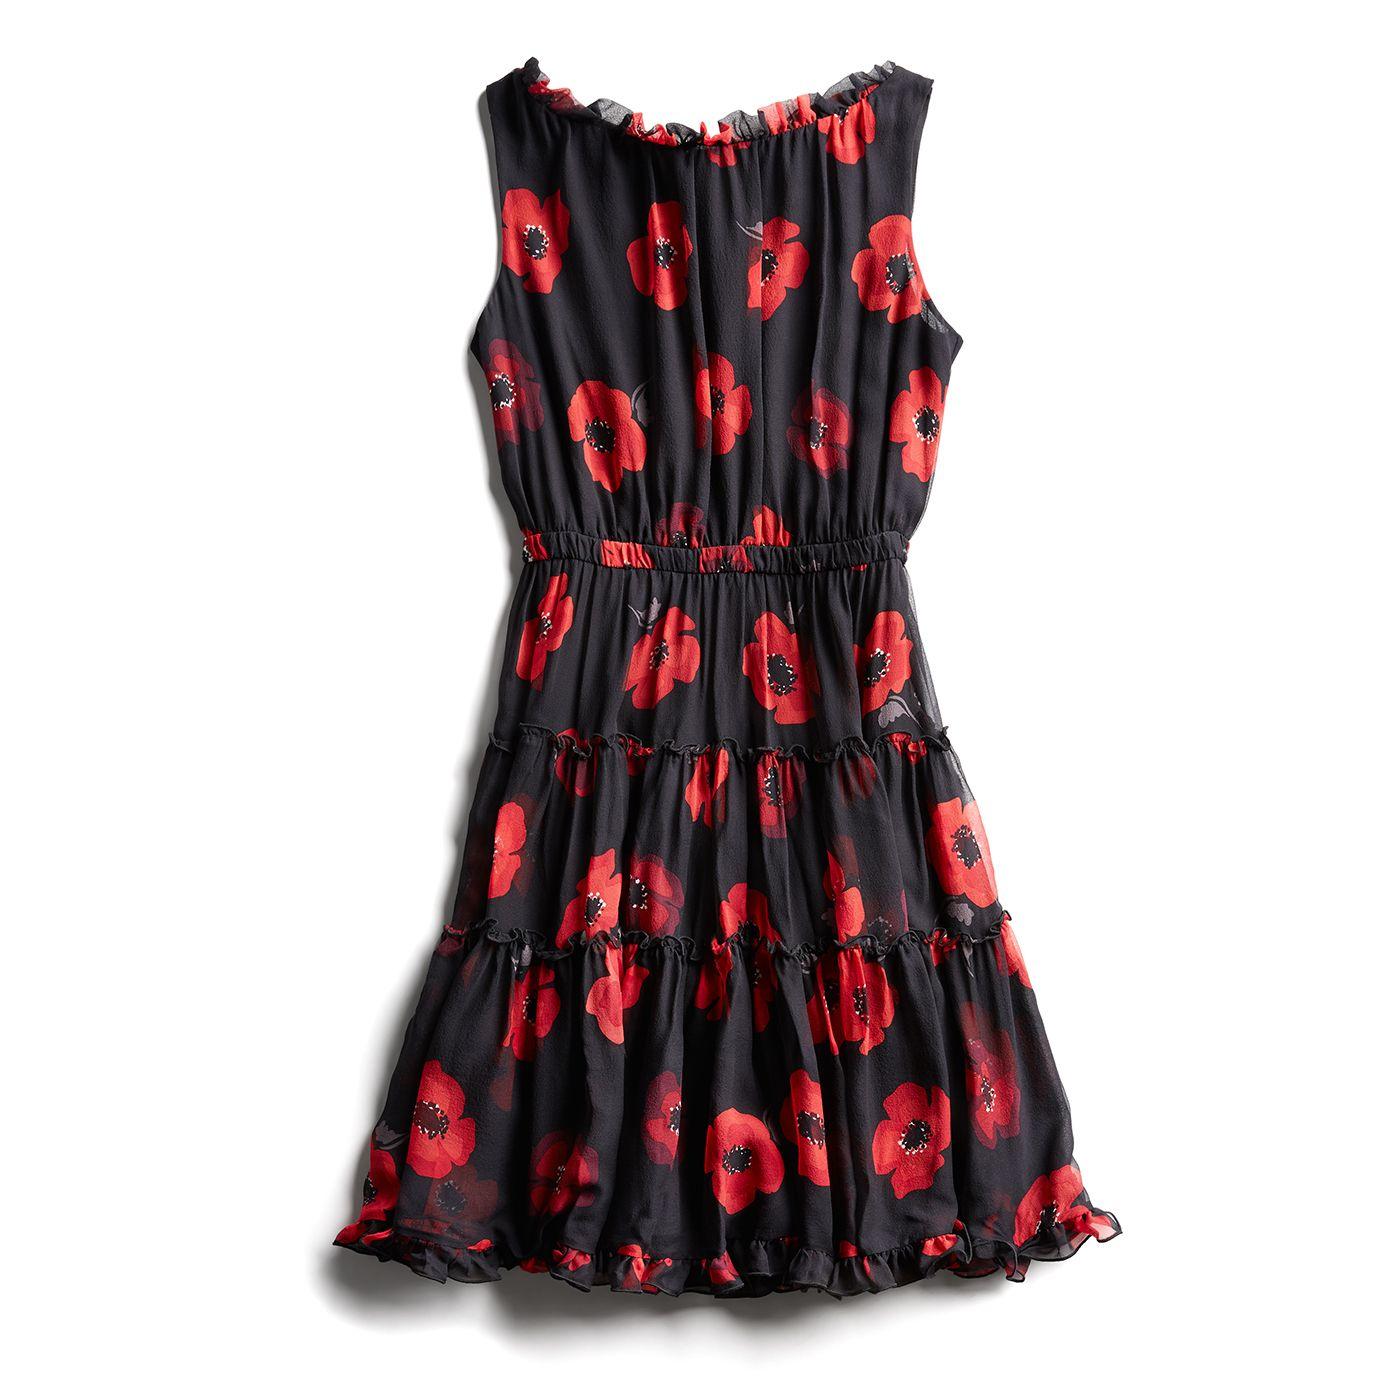 Stitch fix fall stylist picks floral kate spade dress fashionista